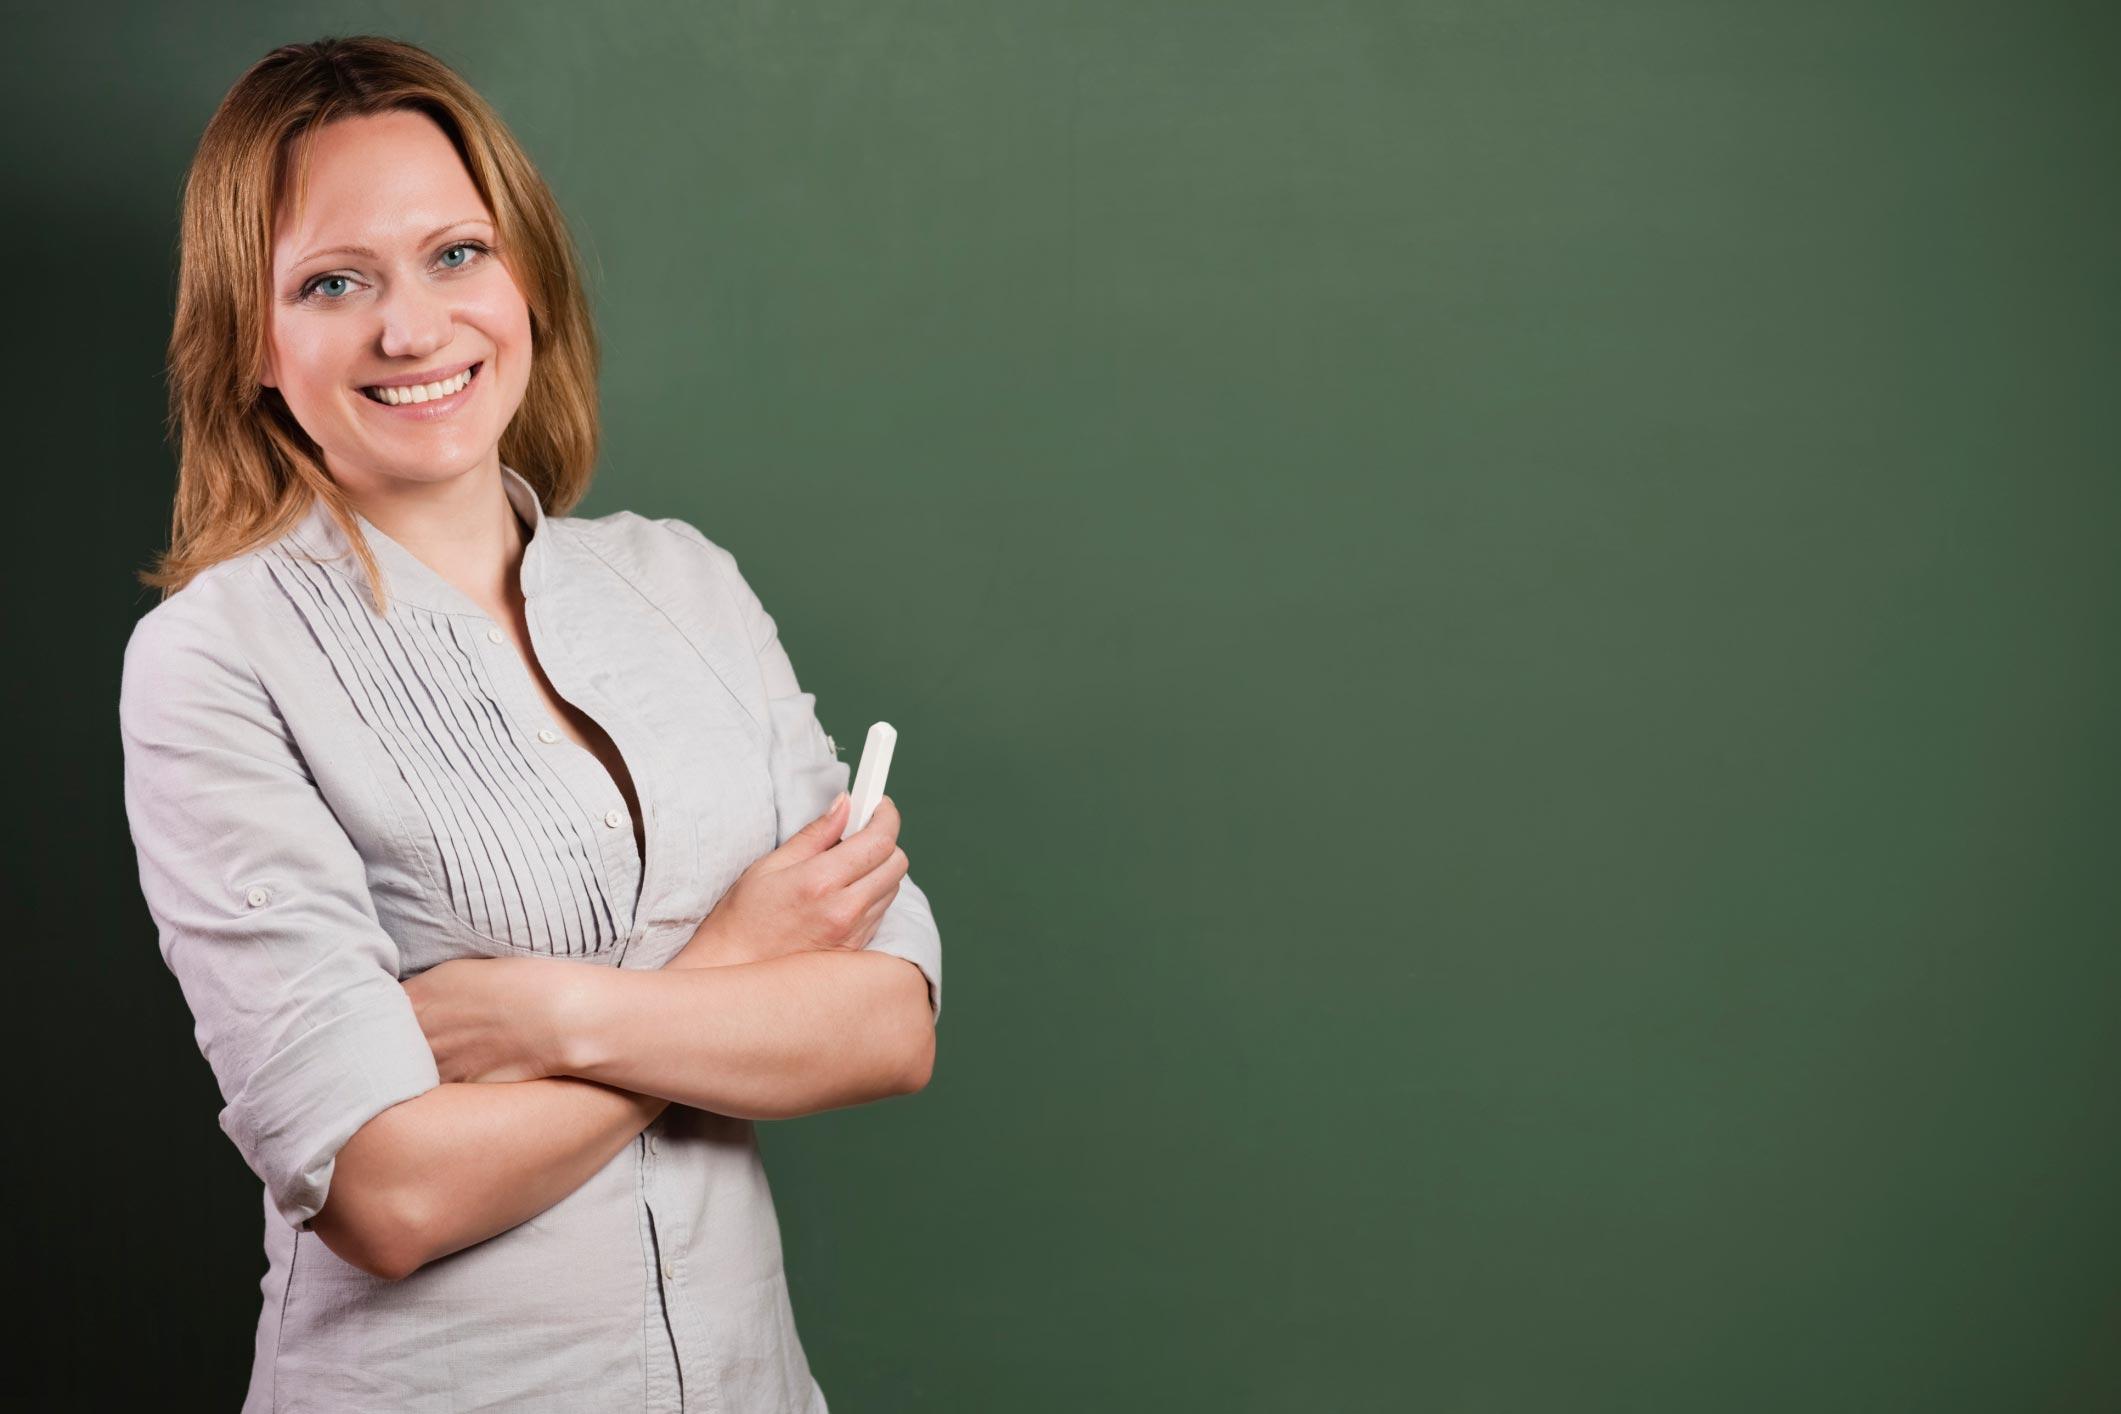 Test d'inglese online: metti alla prova le tue conoscenze